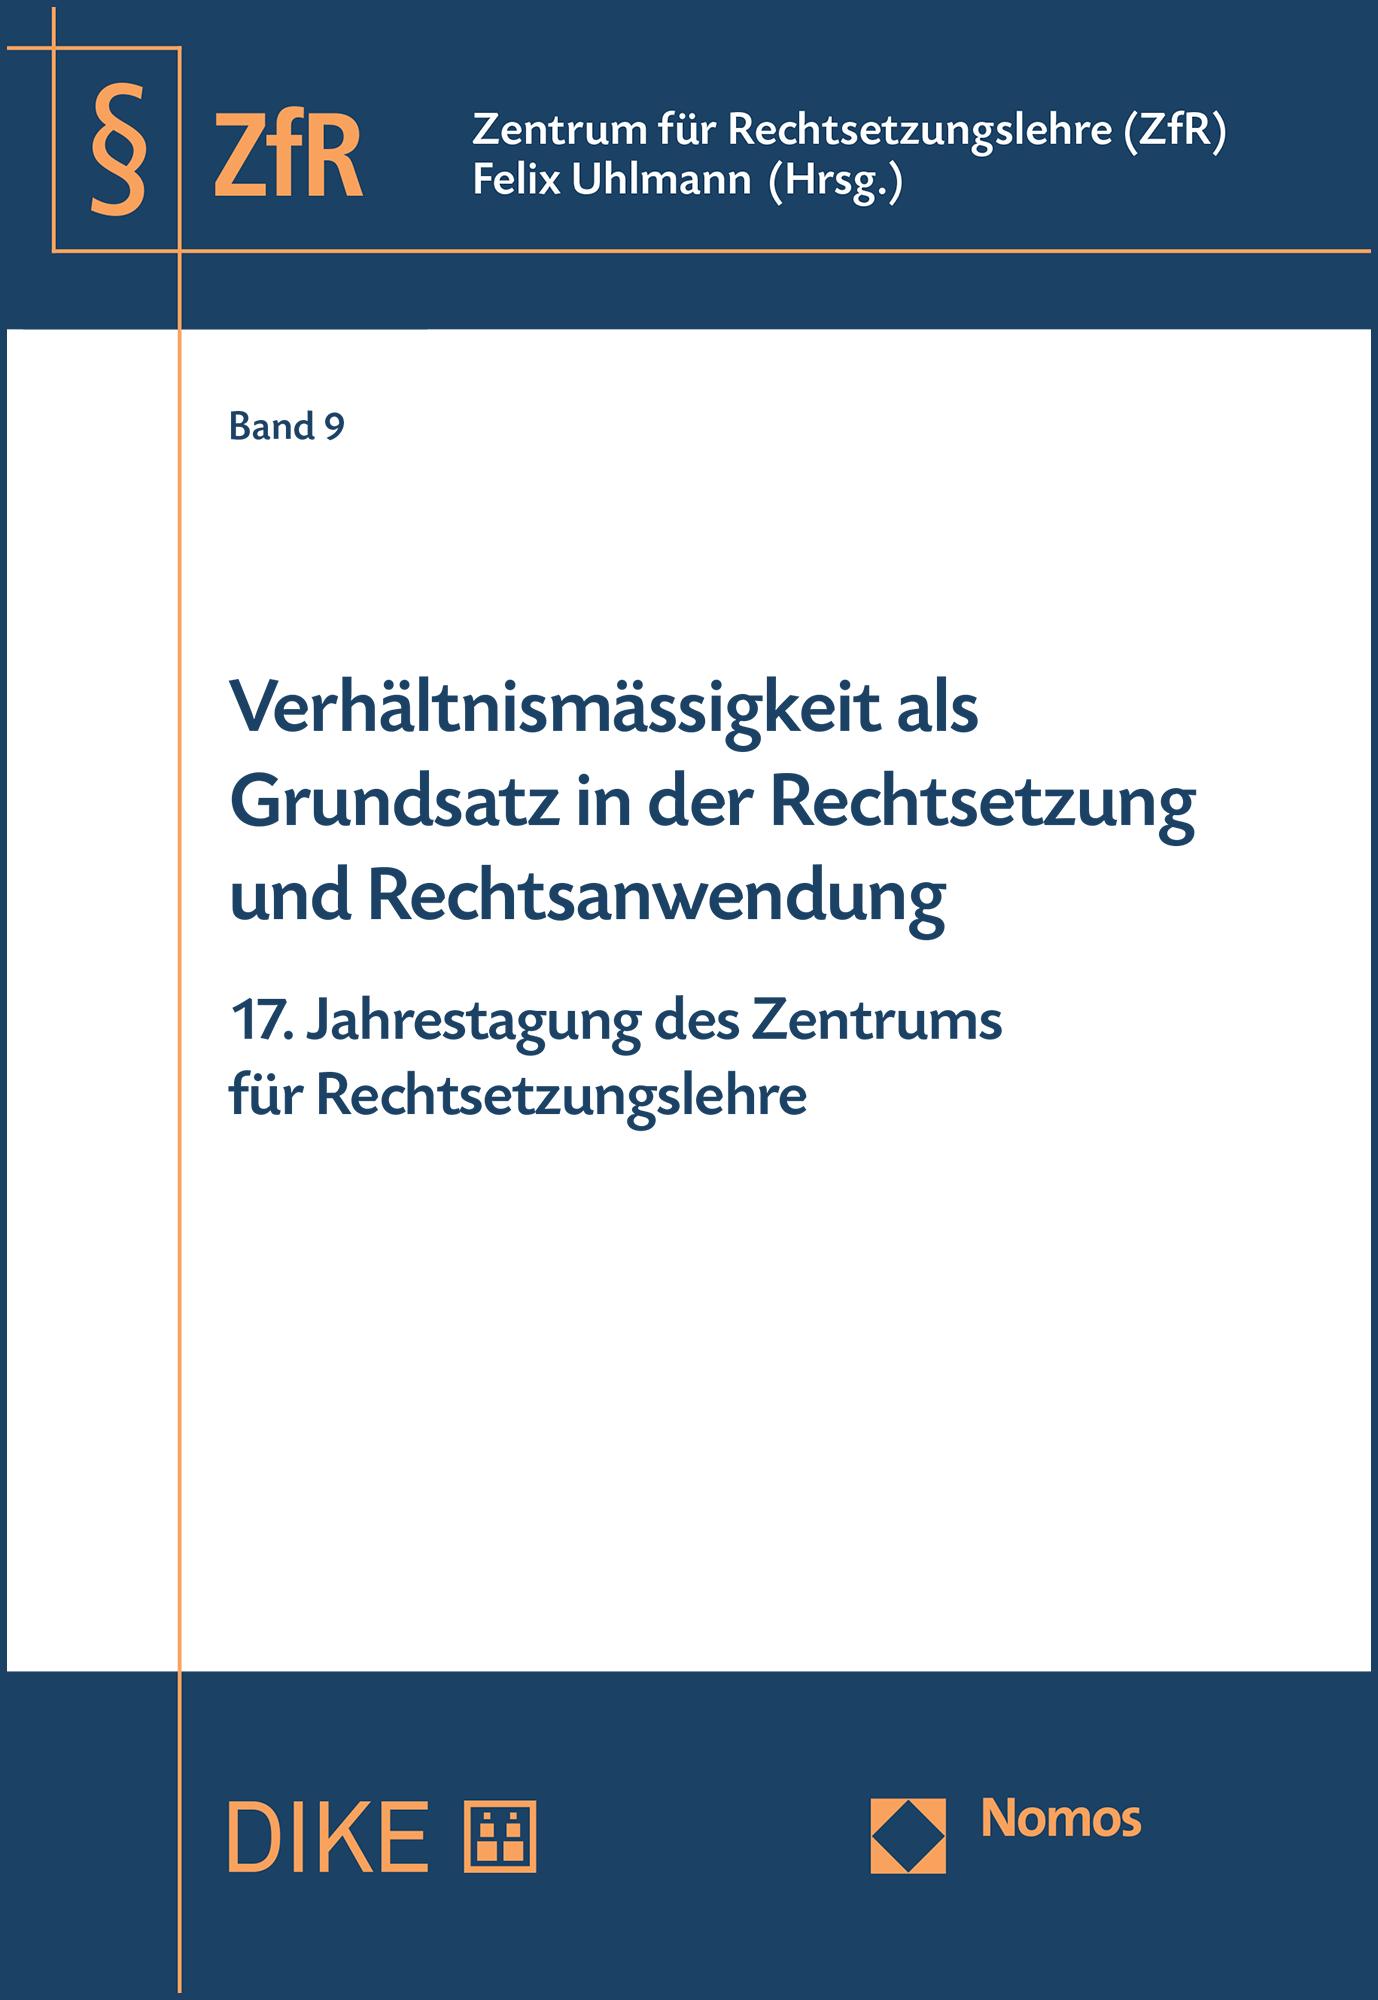 Verhältnismässigkeit als Grundsatz in der Rechtsetzung und Rechtsanwendung